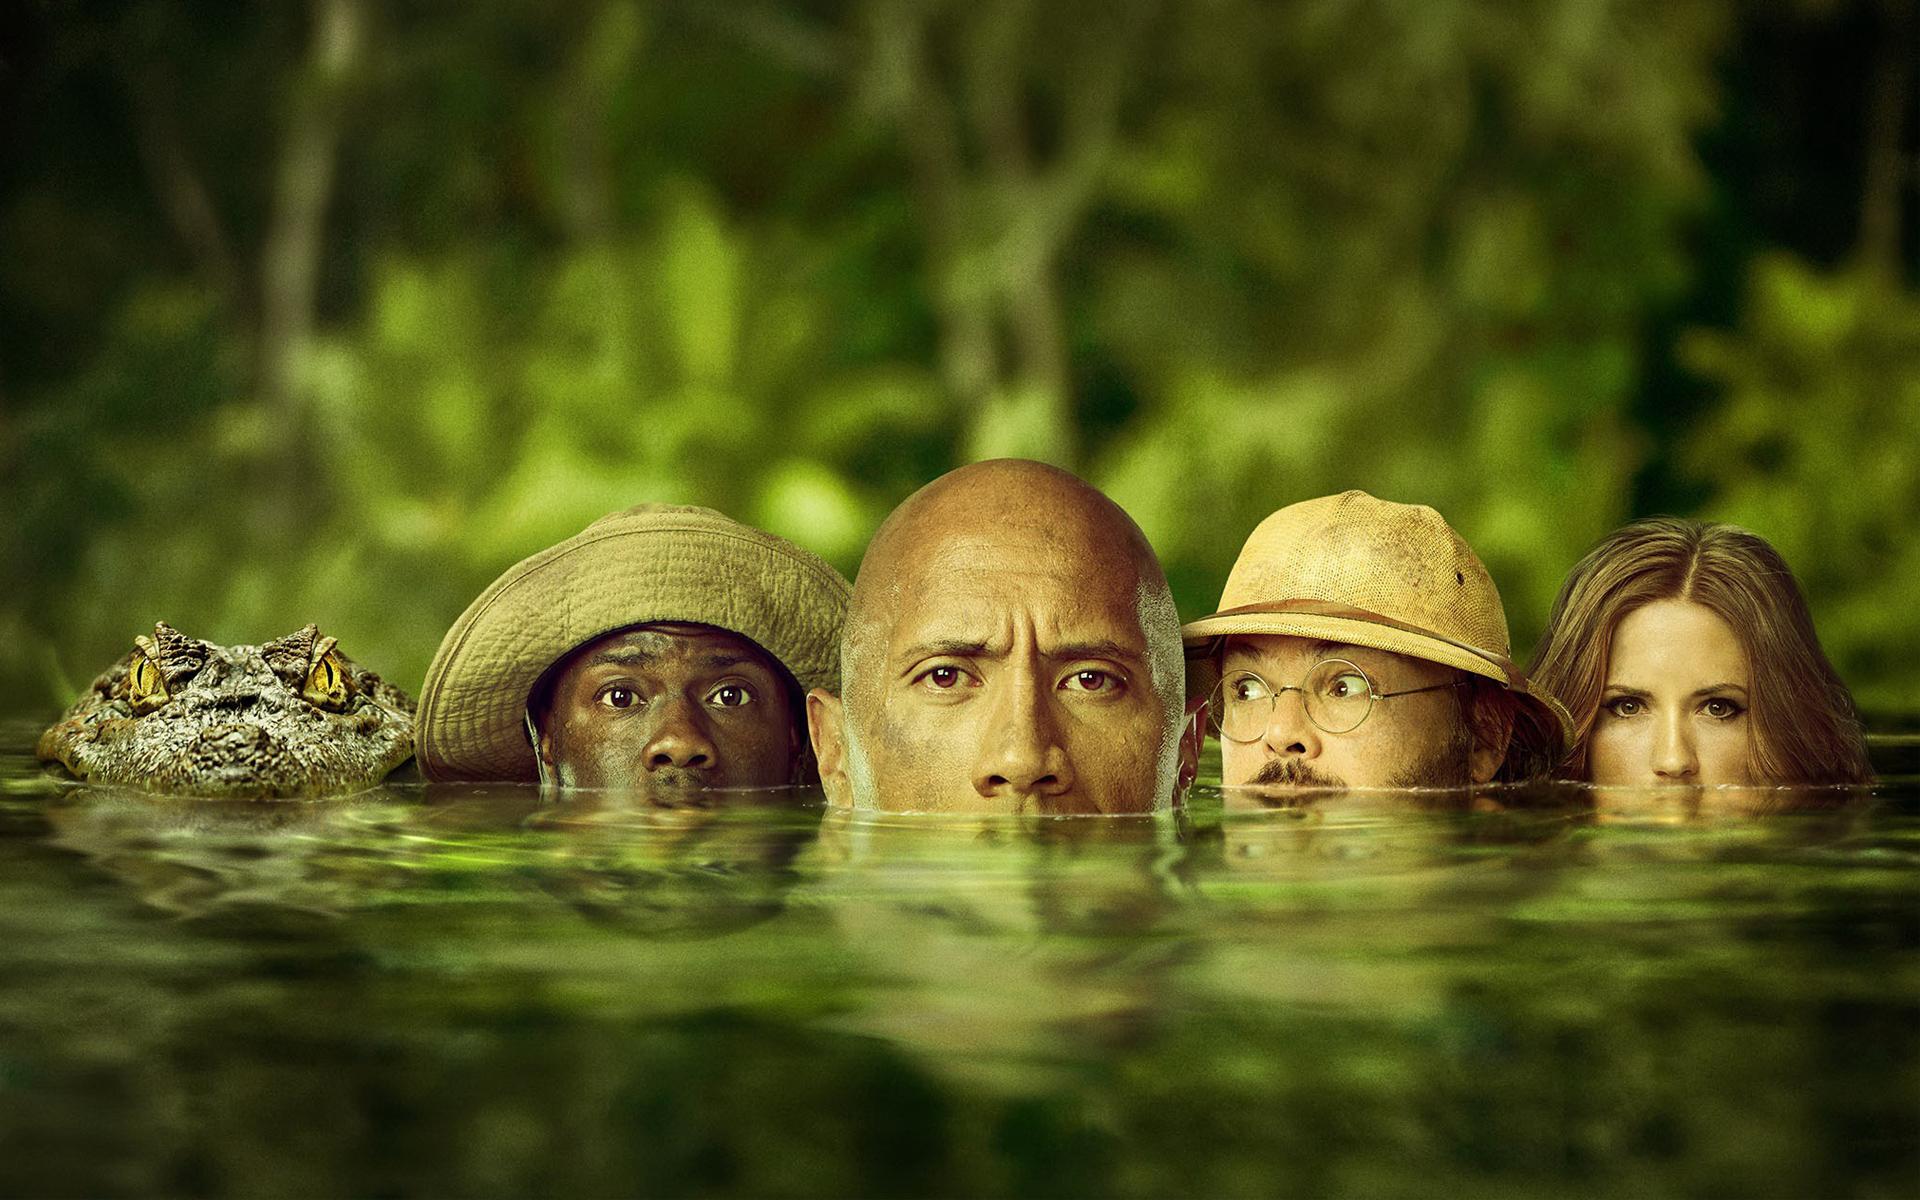 Jumanji Добро пожаловать в джунгли обои скачать